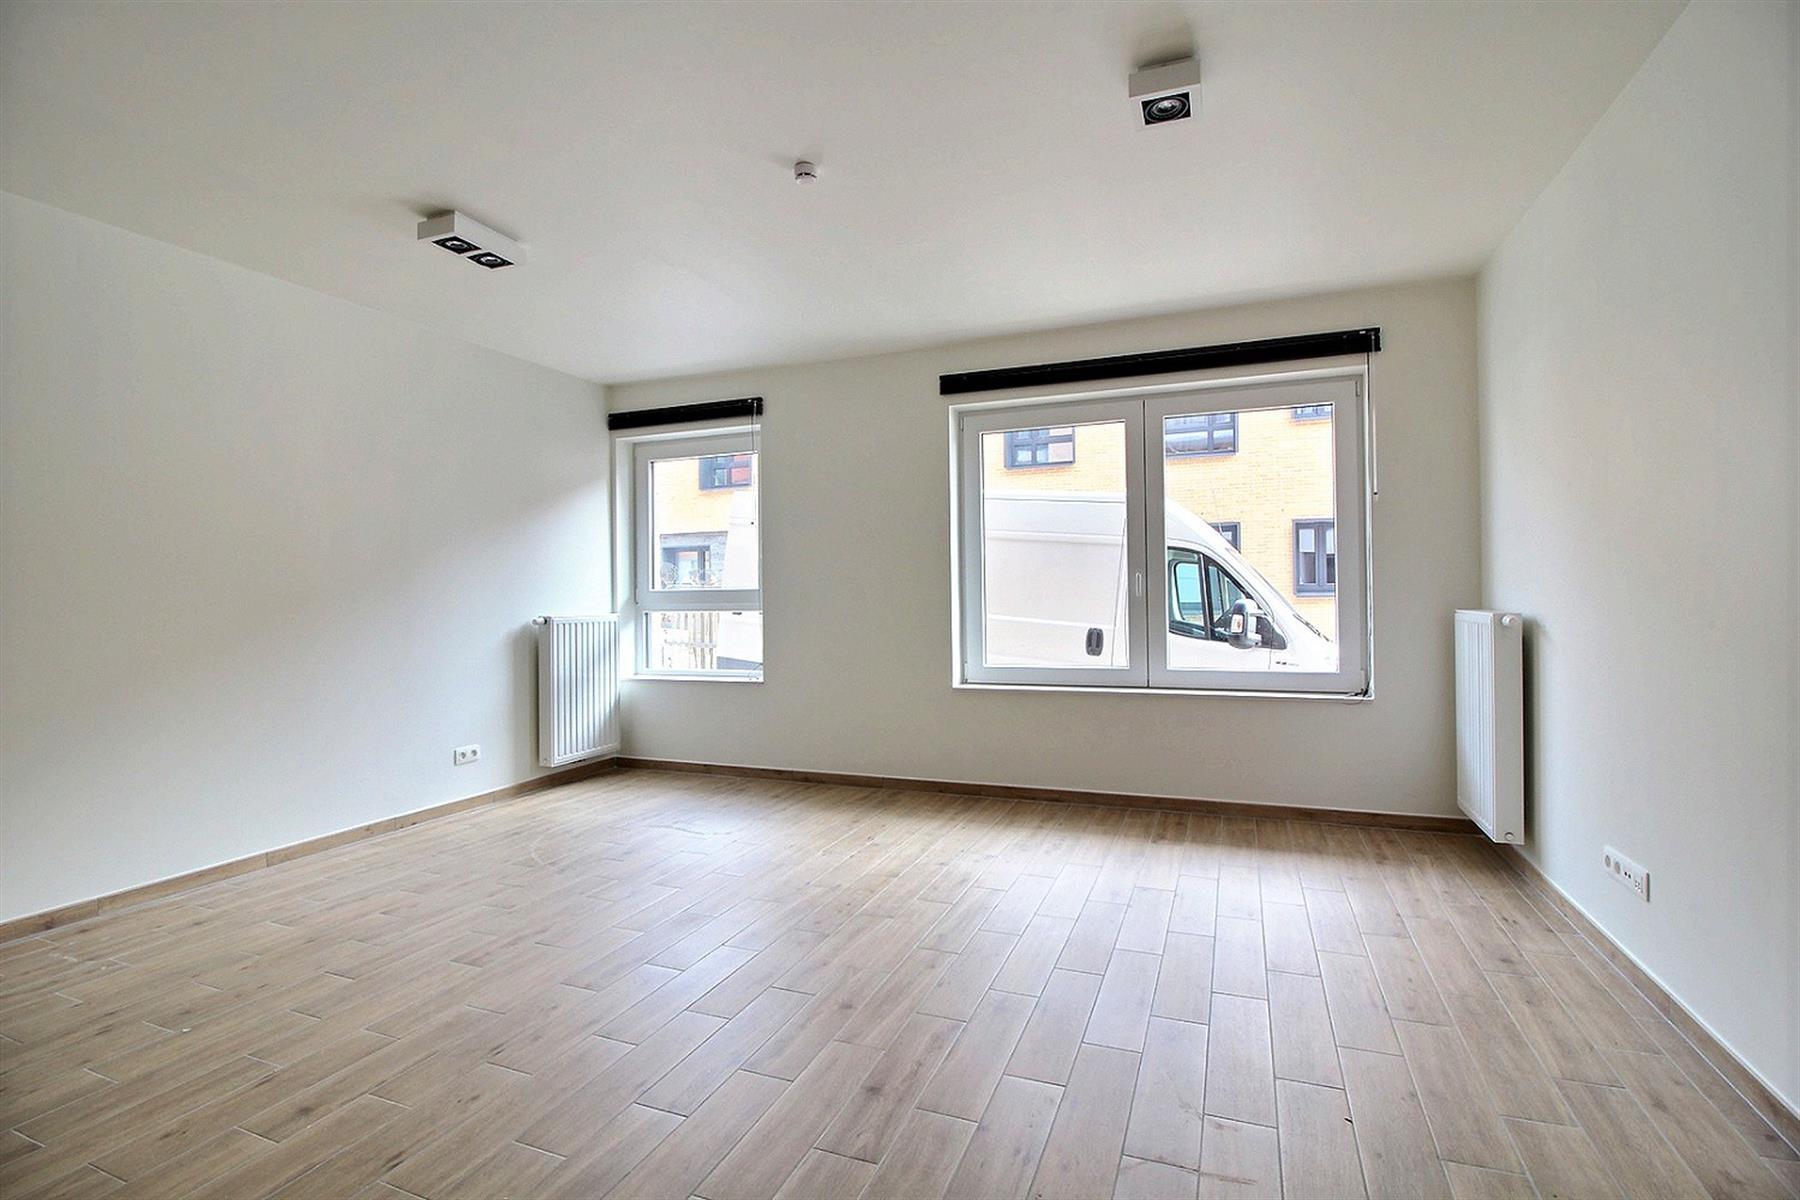 Appartement - Ottignies-Louvain-la-Neuve Louvain-la-Neuve - #4258211-3